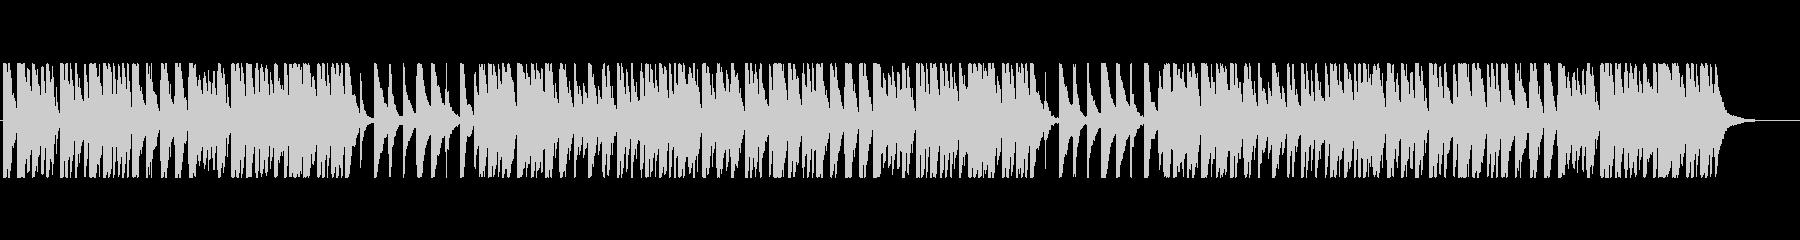 バッハ「主よ人の望みの喜びよ」ギターの未再生の波形